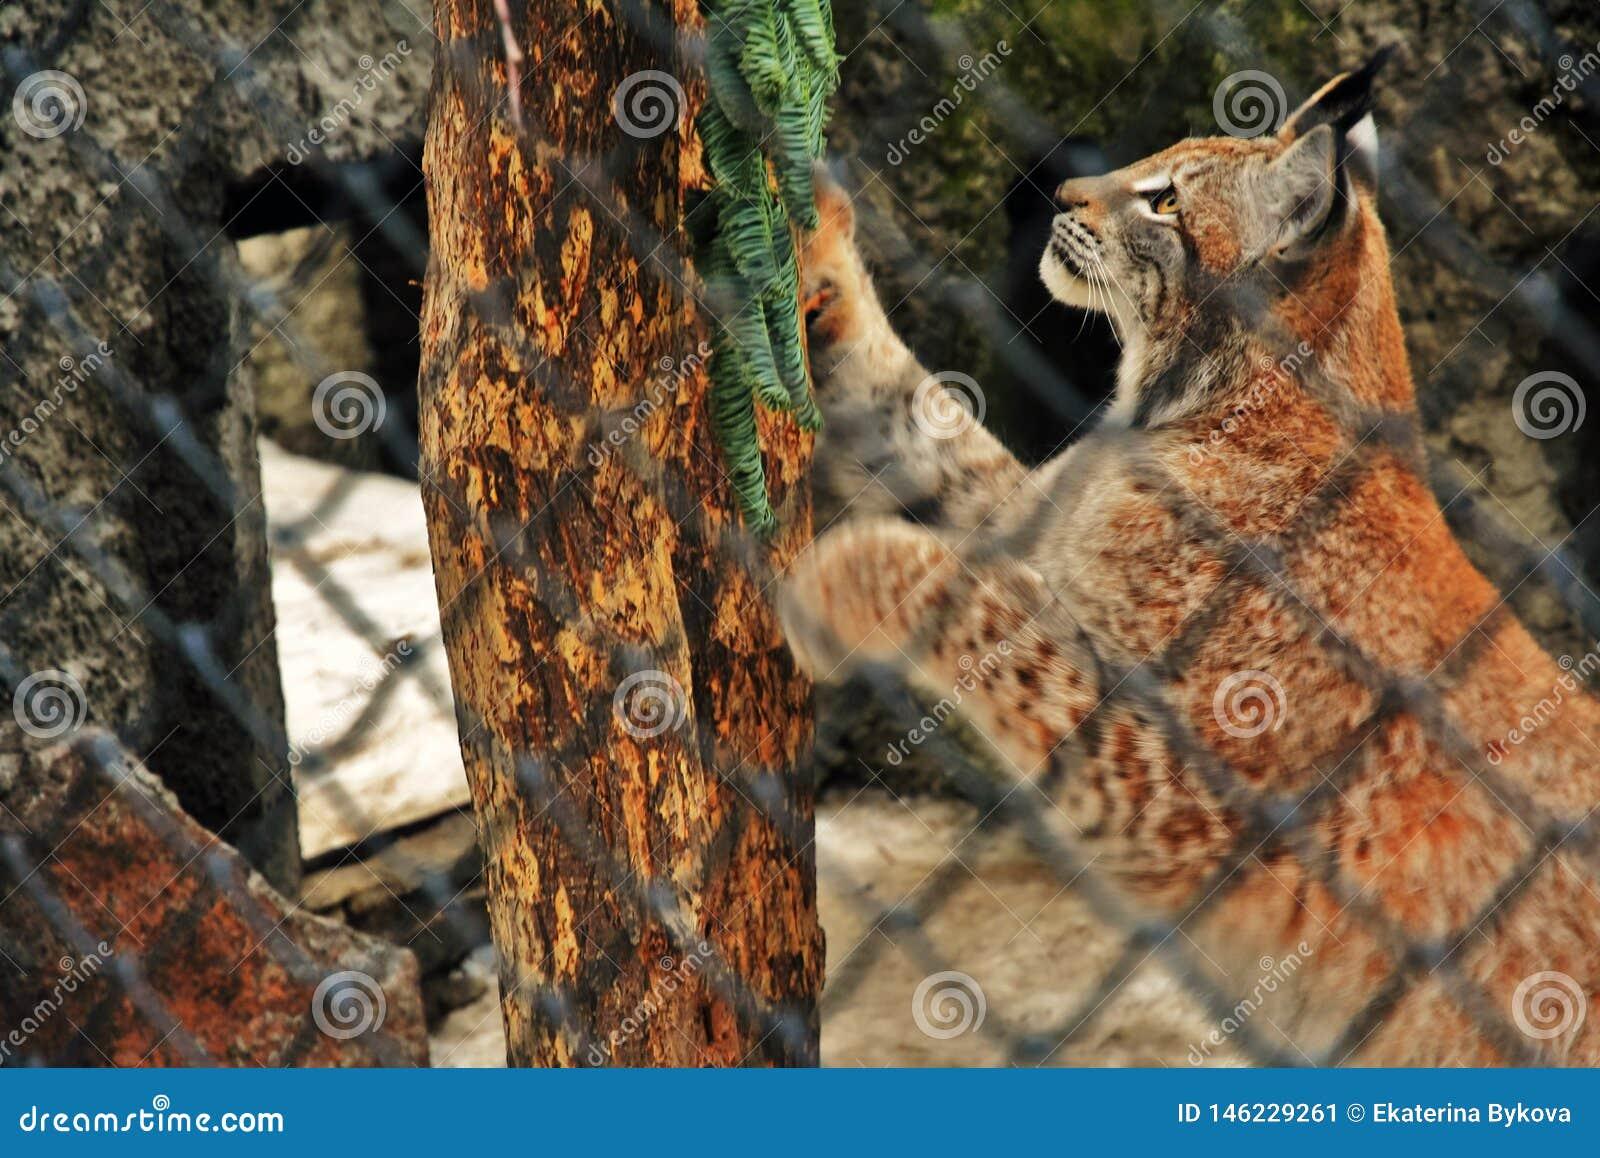 Les lyns d un lynx essaye de s élever sur un arbre et d échapper à la cage